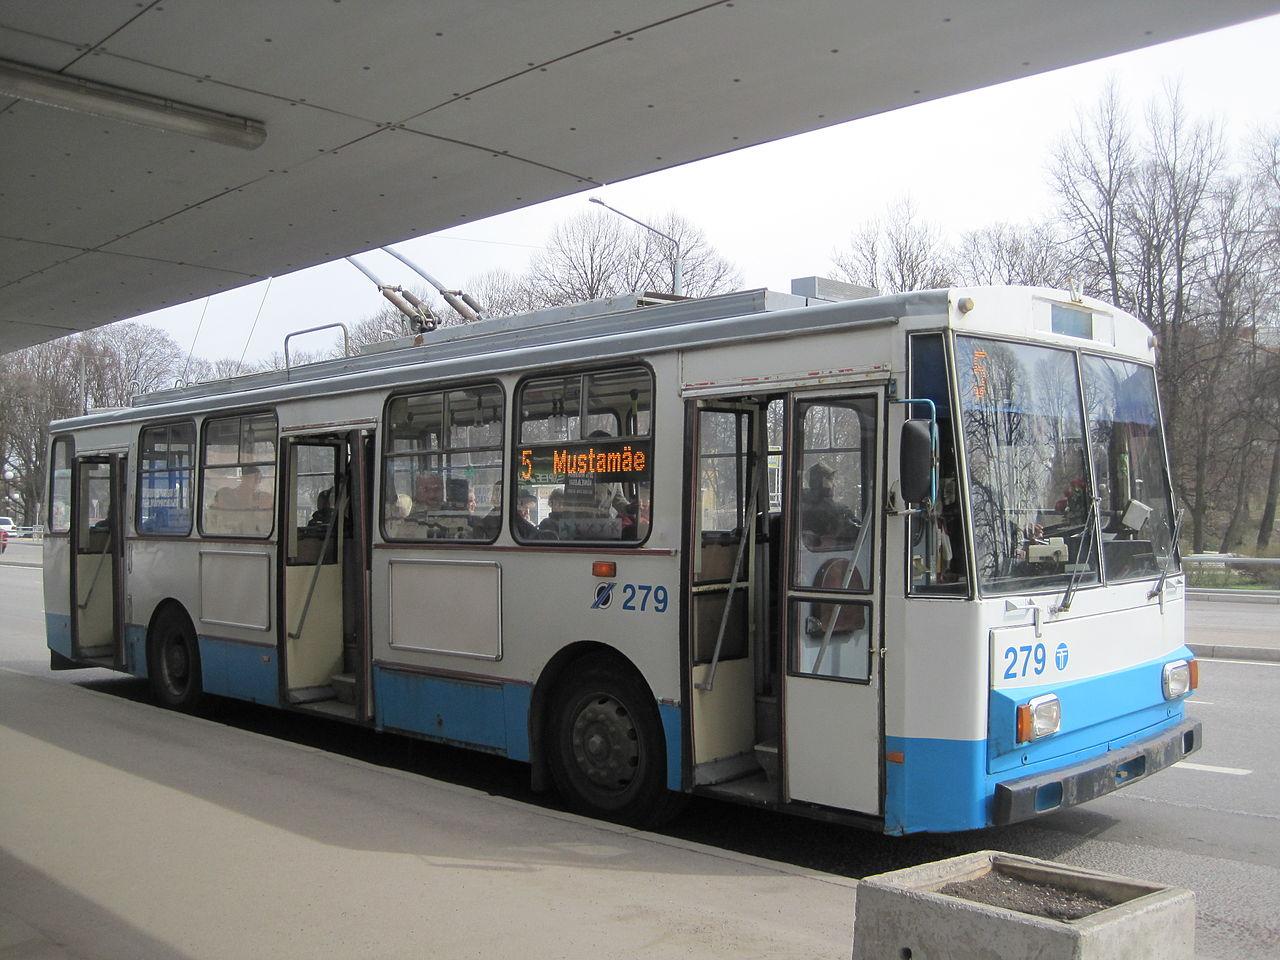 Trolejbus v Tallinnu. (foto: Stefan Flöper/Wikipedia.org)